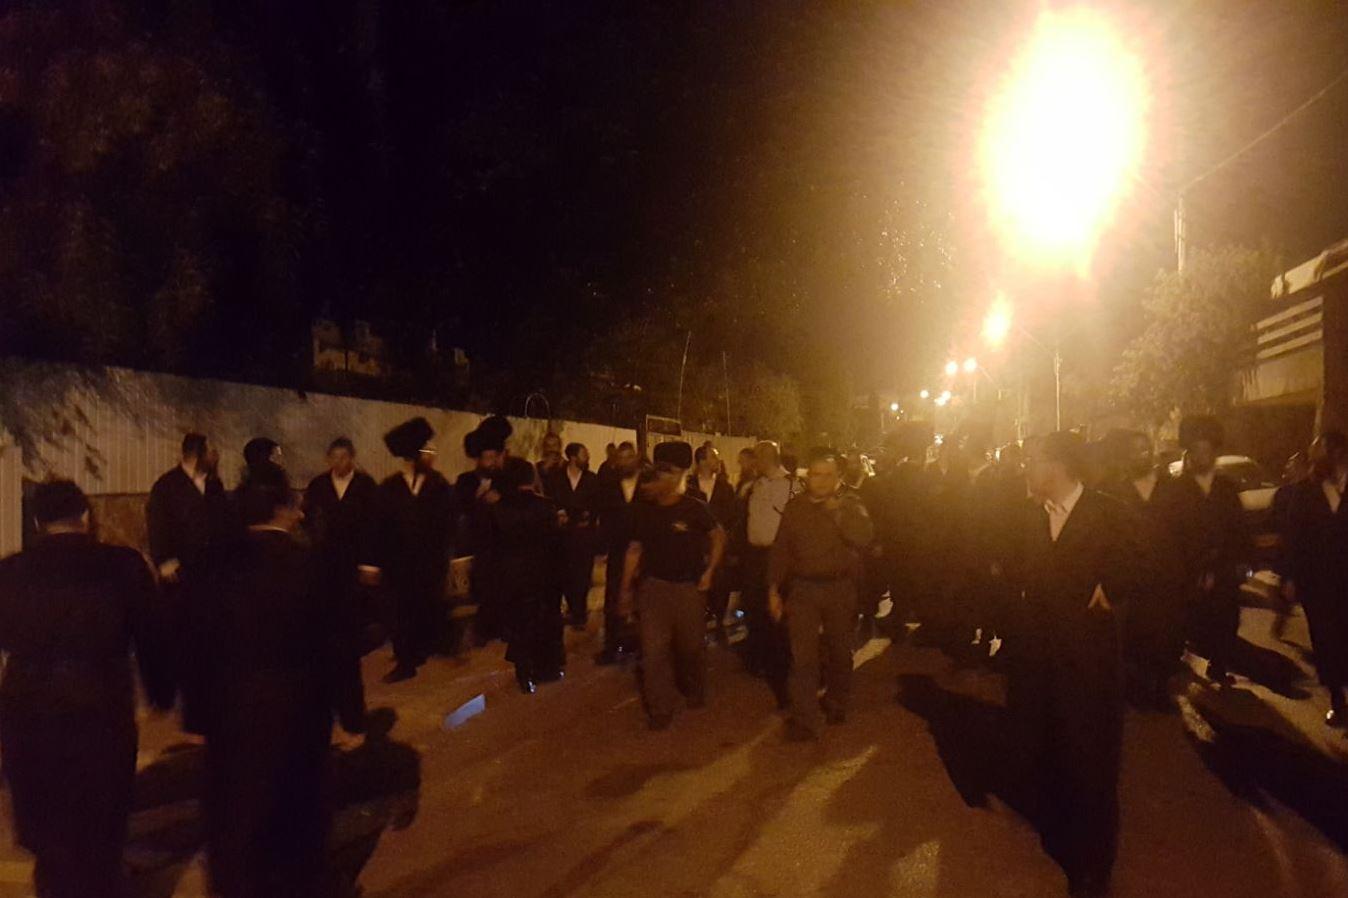 המהומות בערד: הוארך מעצרו של חסיד גור